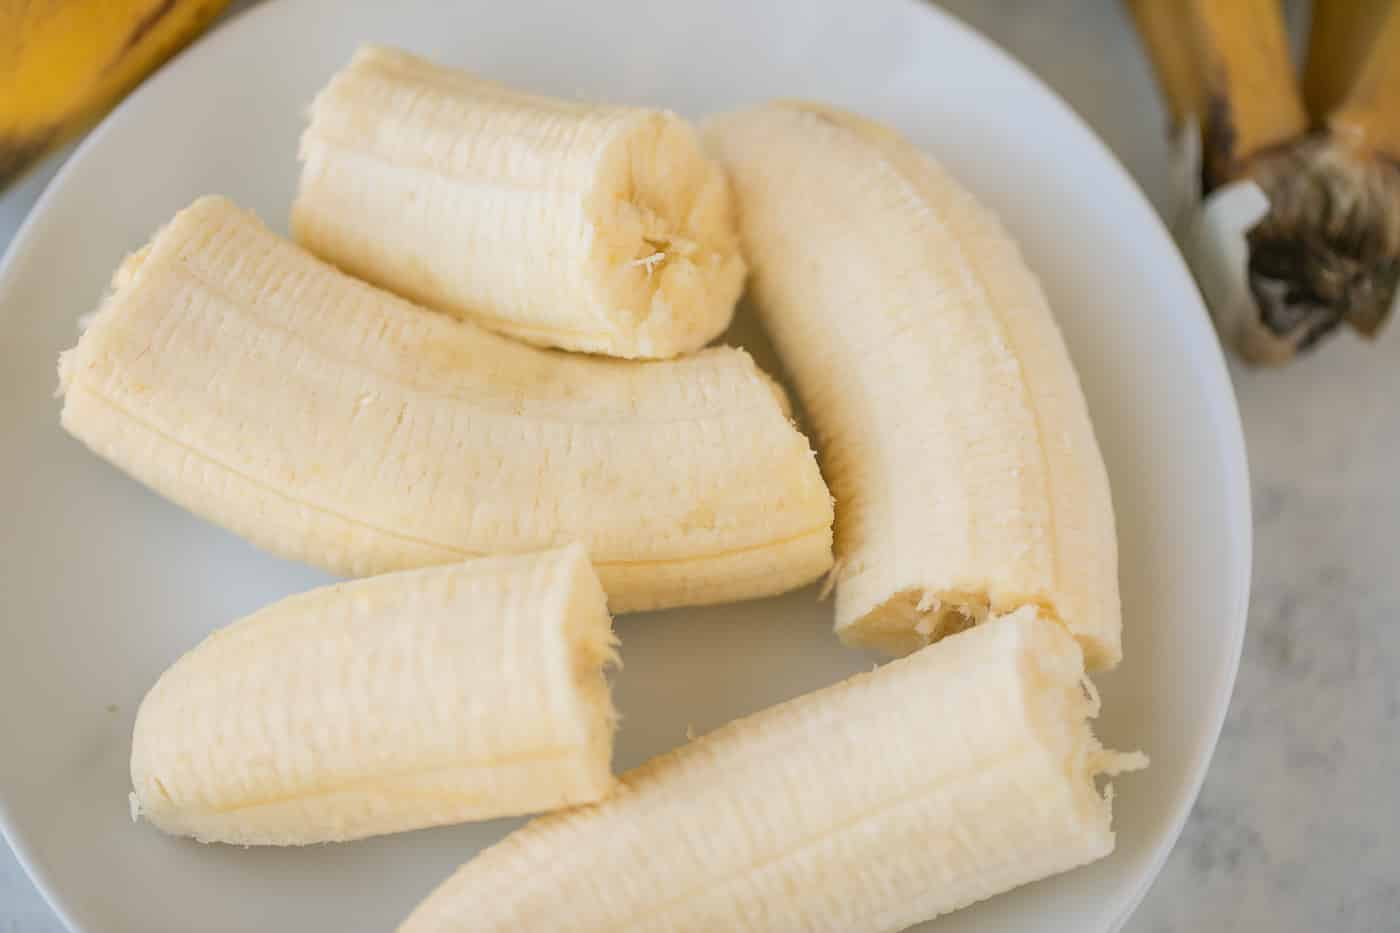 bananas chunks on a plate